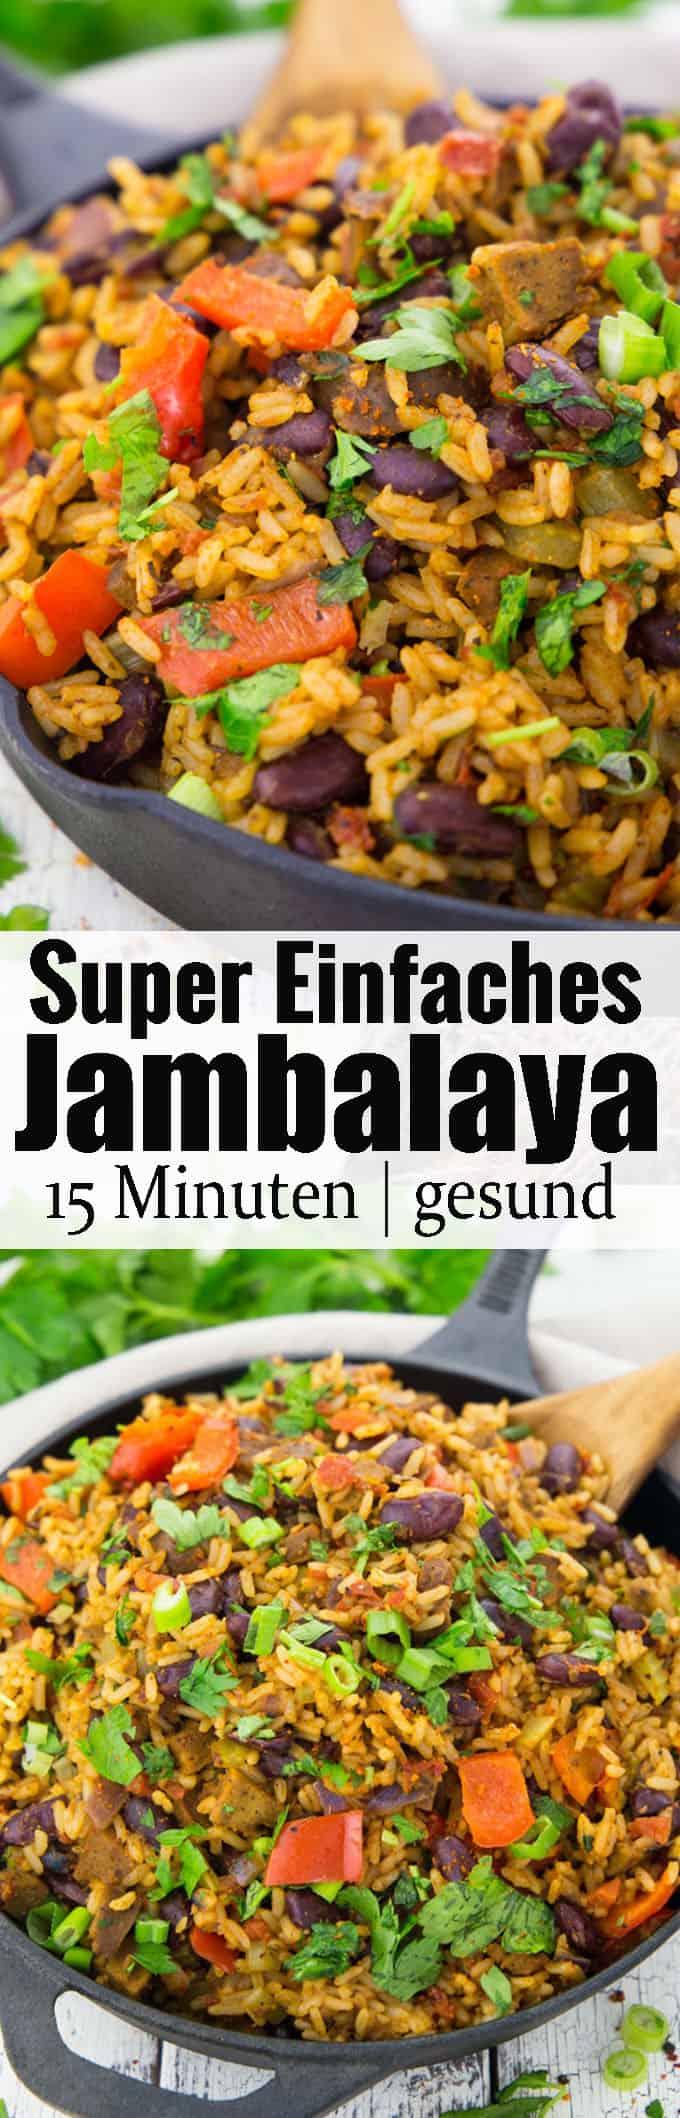 Jambalaya ist das ultimative Wohlfühlessen aus dem Südosten der USA! Rezepte mit Reis bzw. vegetarische Rezepte können so lecker und einfach sein! Mehr vegane Rezepte findet ihr auf veganheaven.de !